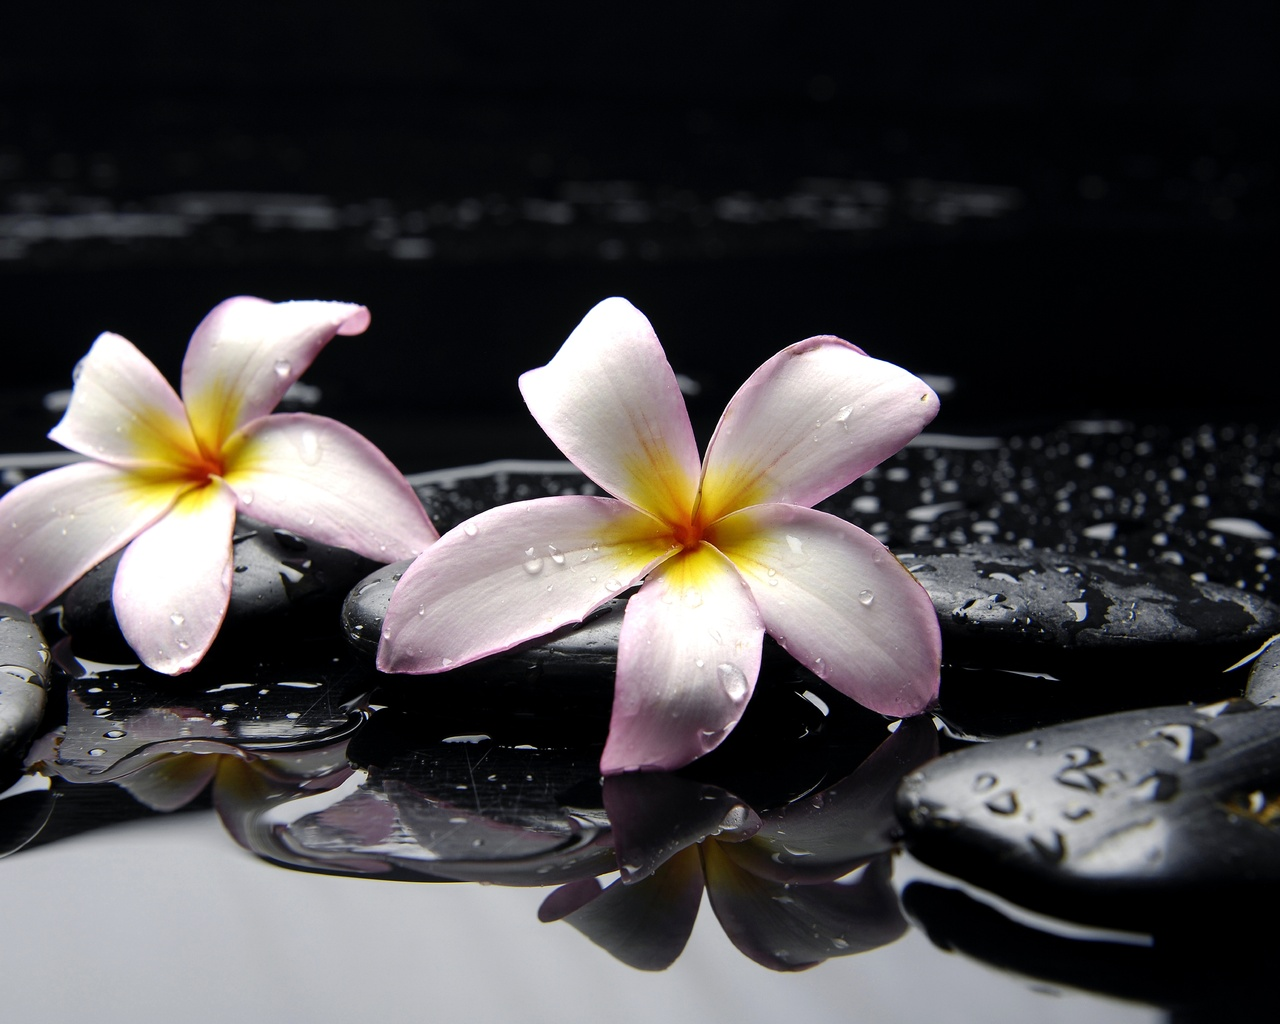 обои на раб стол цветы вода № 635540 загрузить